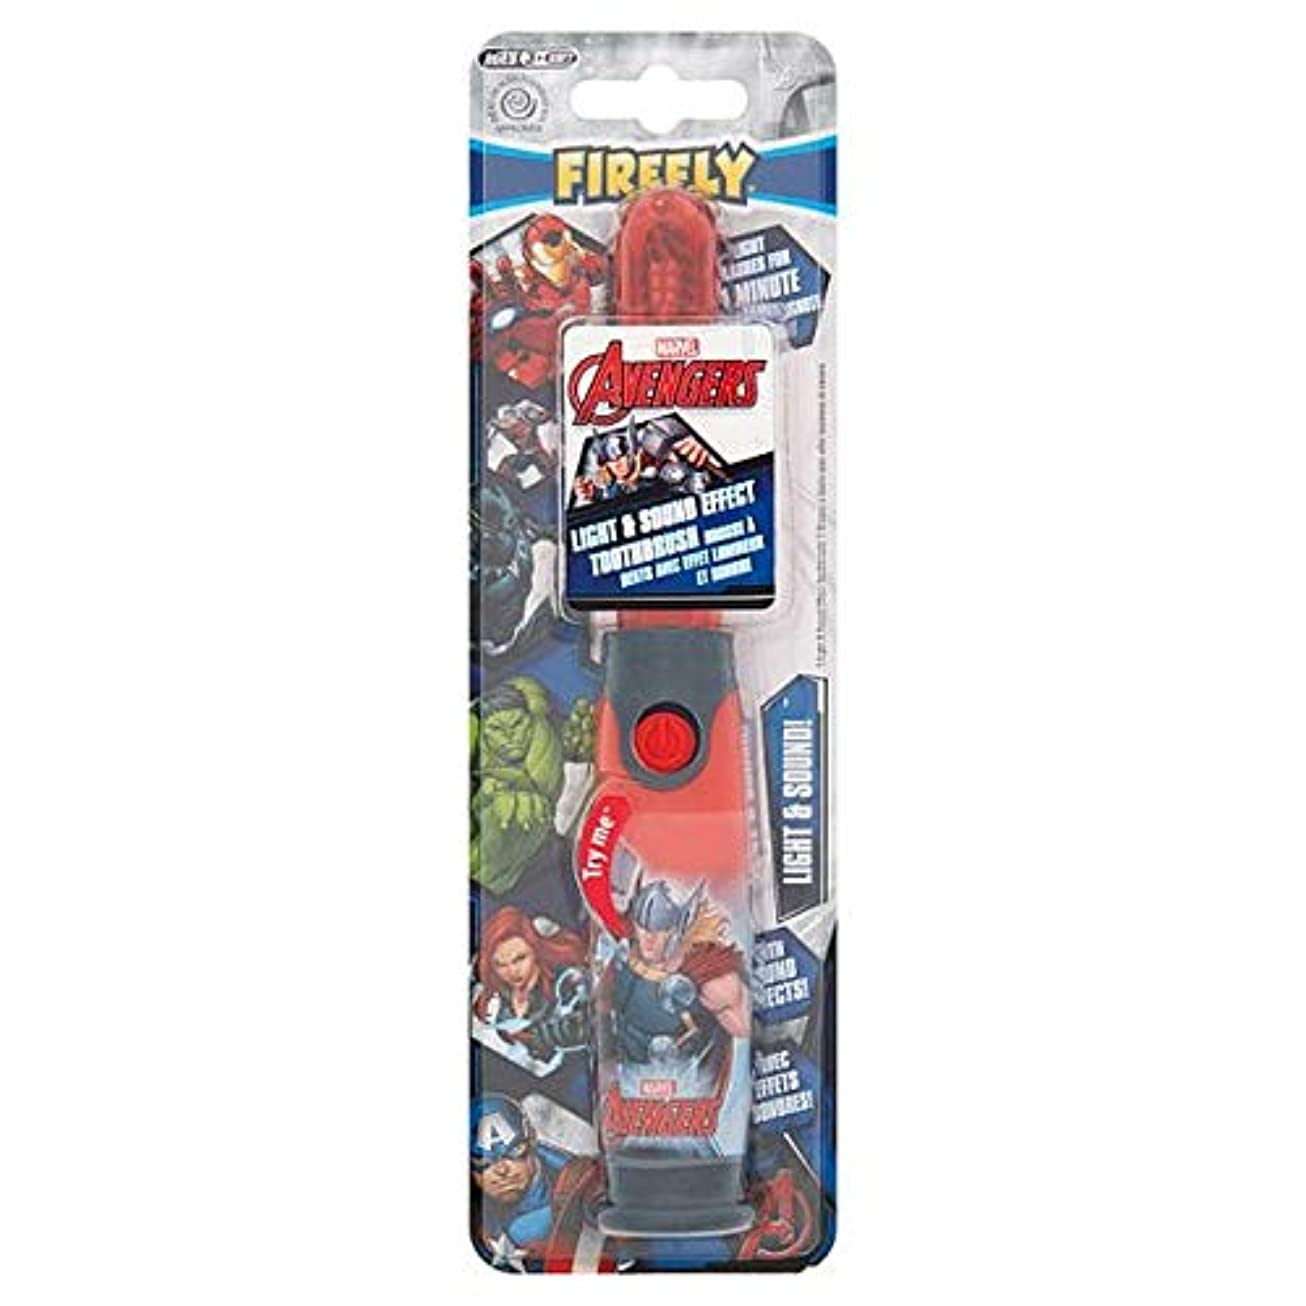 分岐する抵抗する動かす[Firefly ] アベンジャーズホタルの光と音の歯ブラシ - Avengers Firefly Light And Sound Toothbrush [並行輸入品]